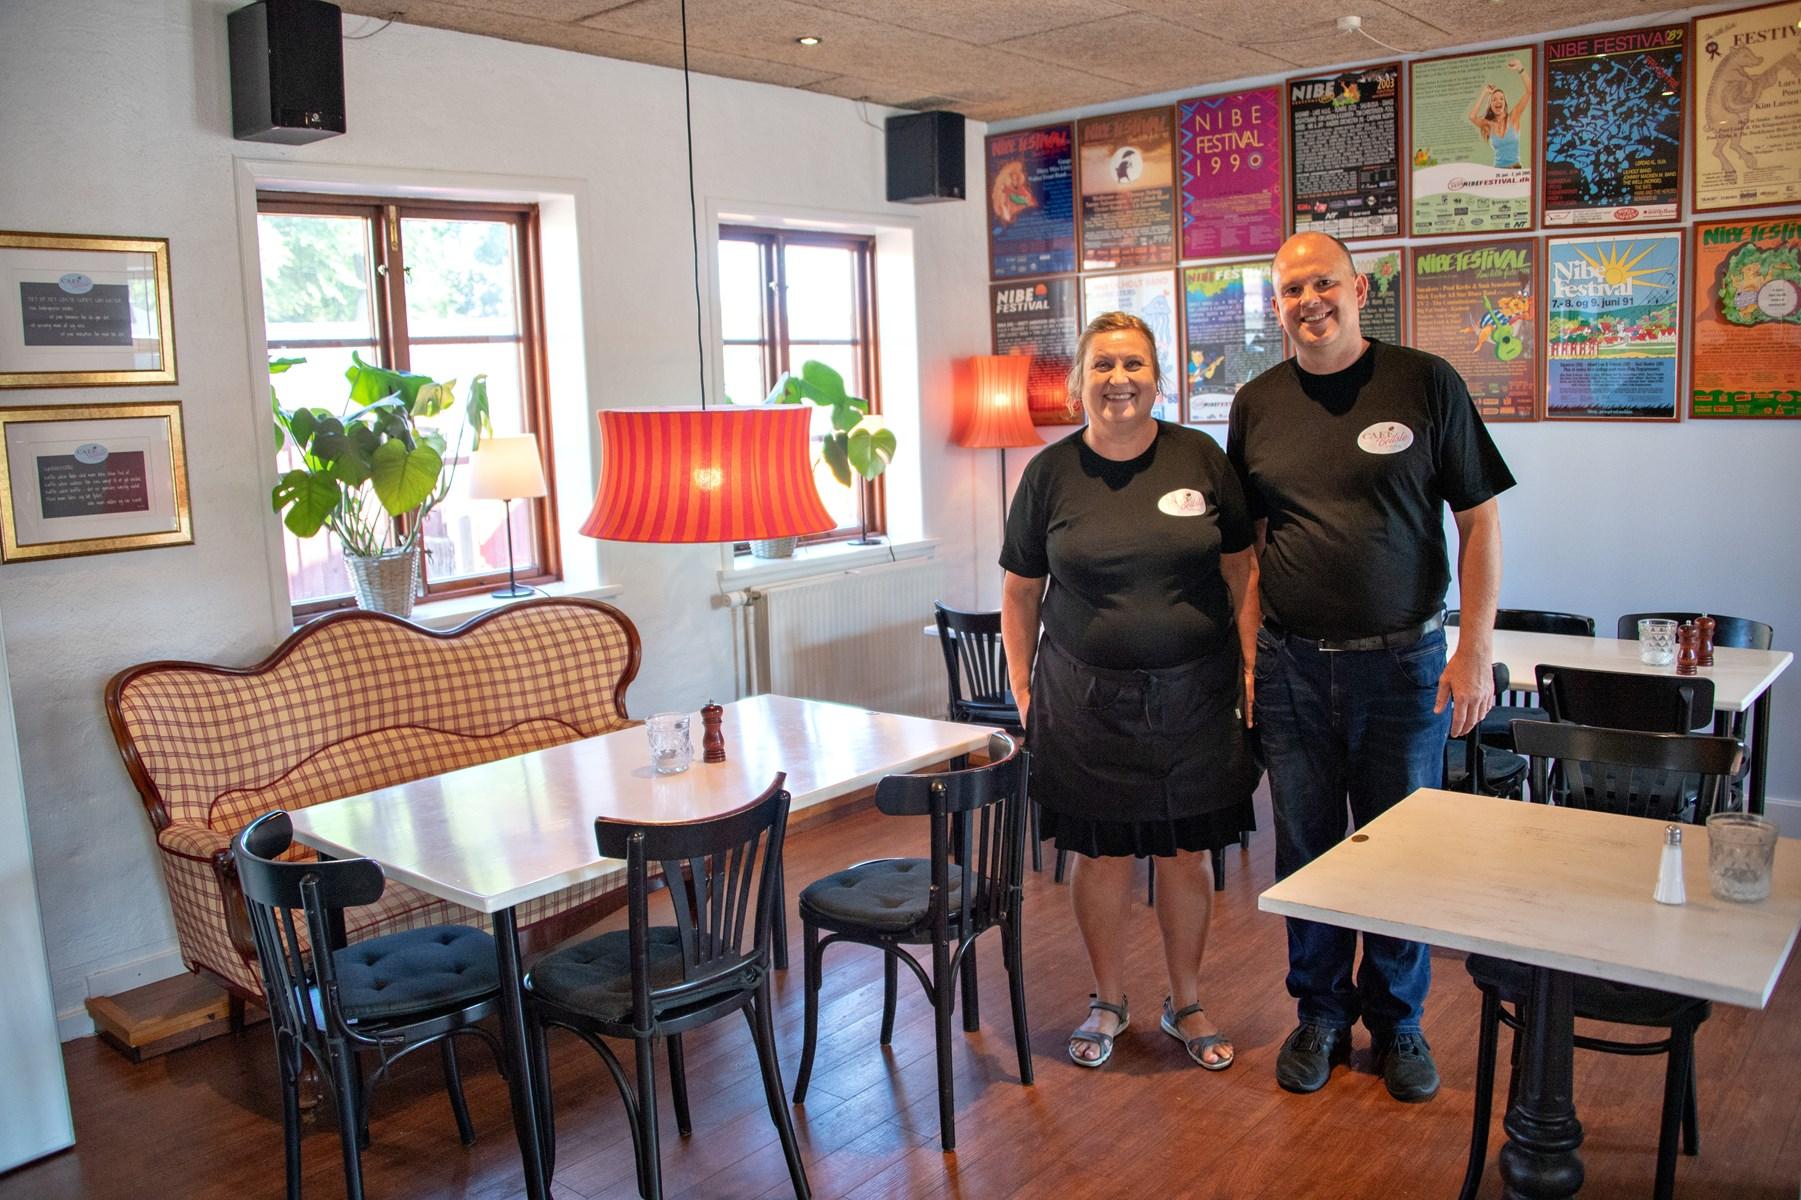 Populær café får nye ejere og skifter navn